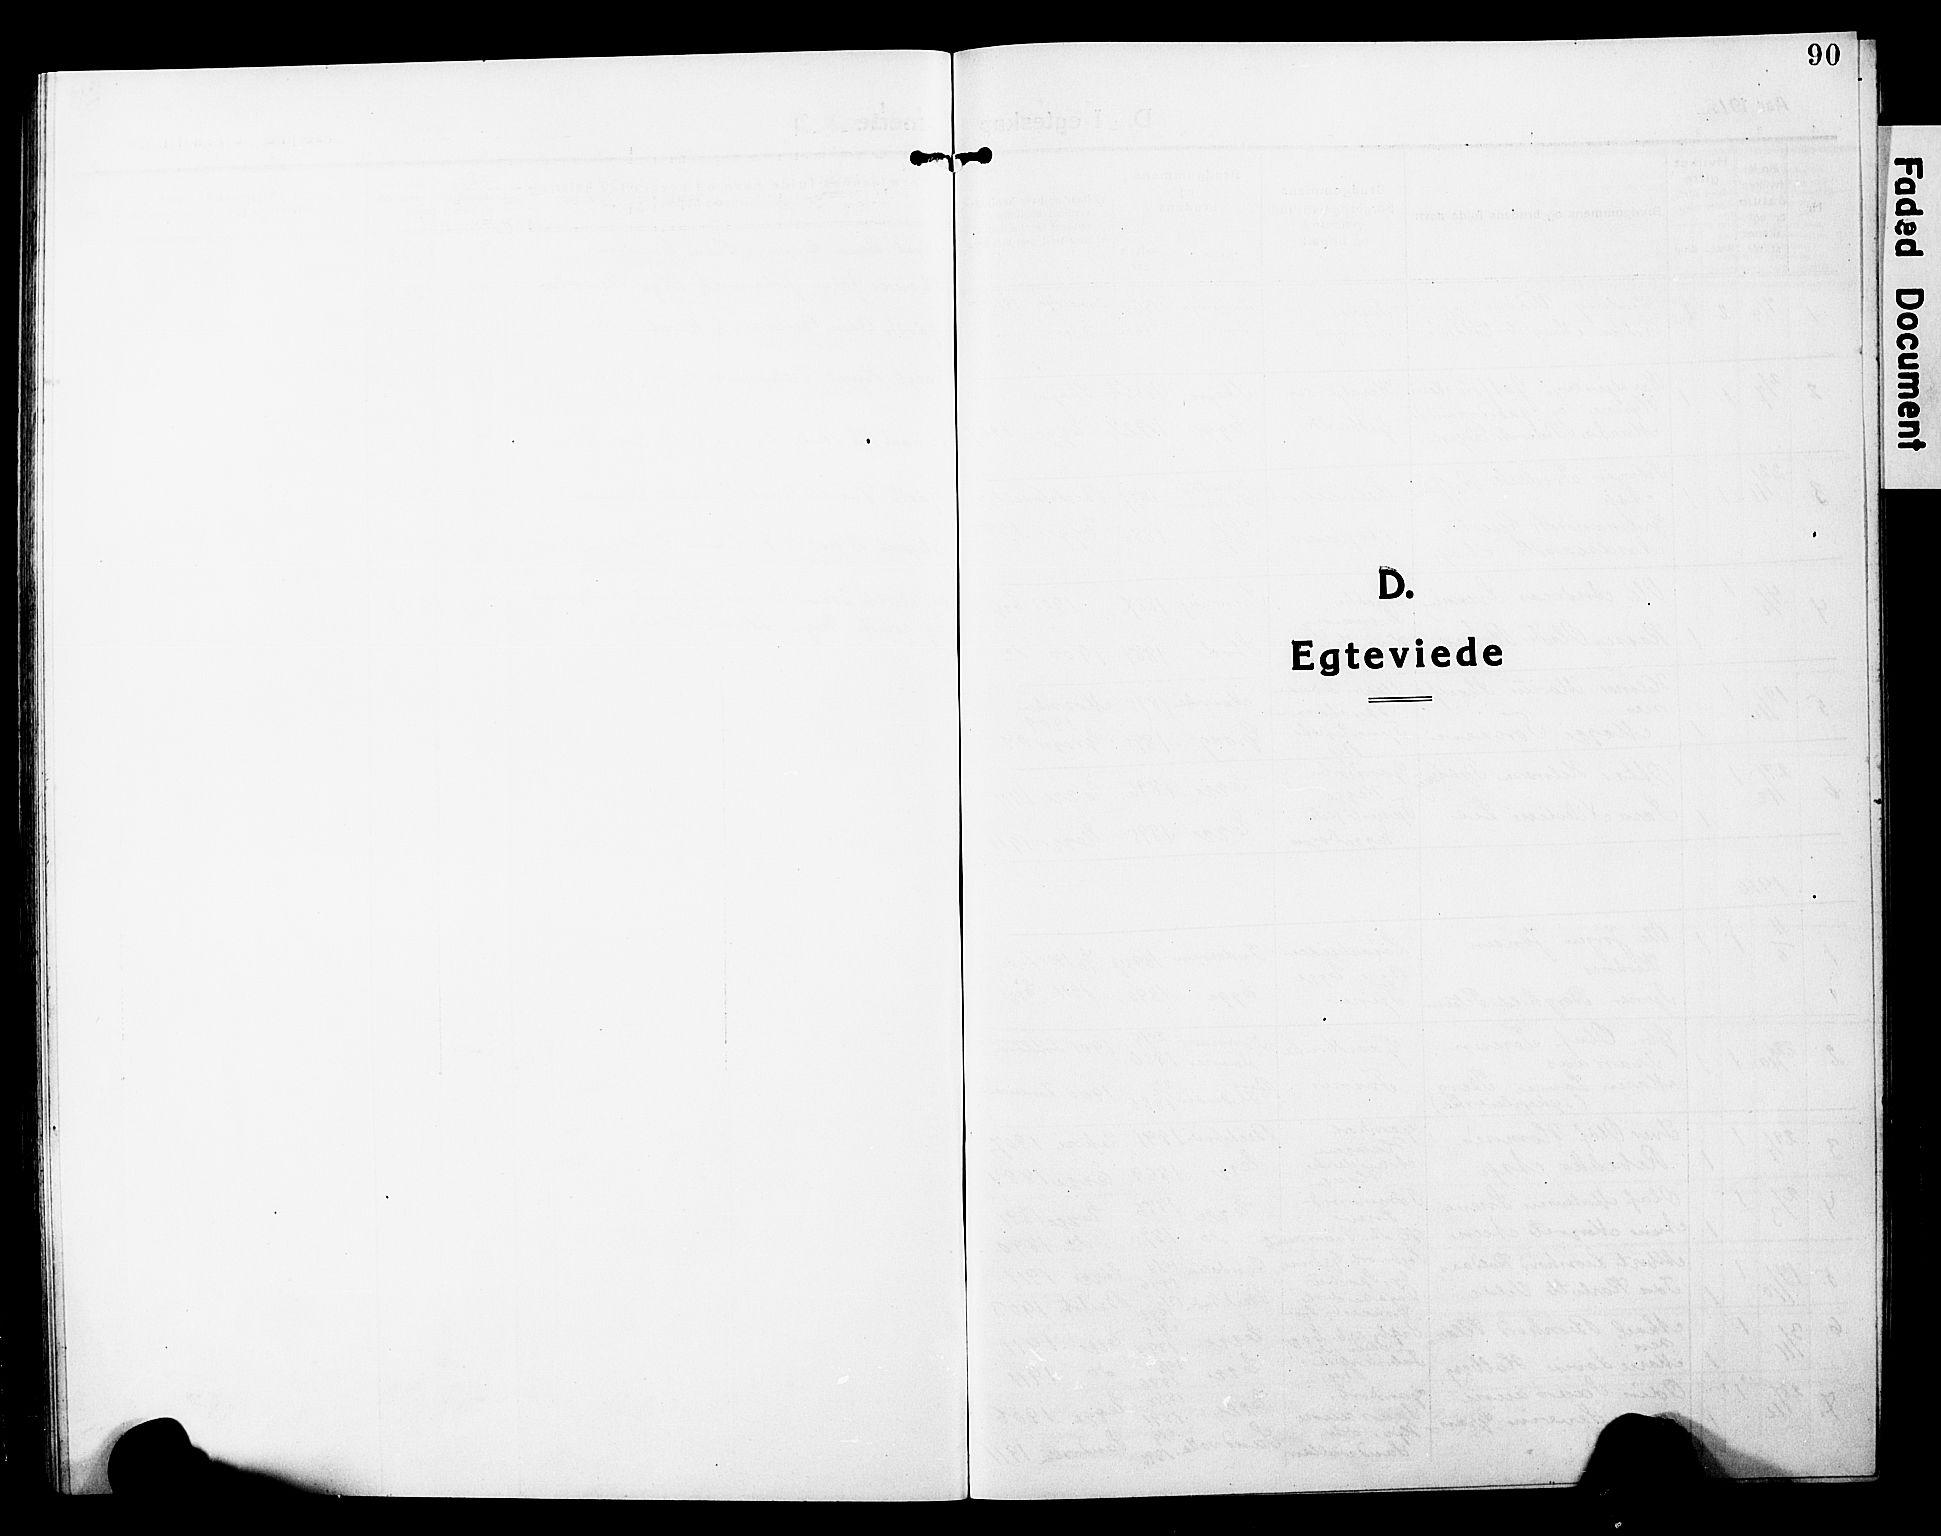 SAT, Ministerialprotokoller, klokkerbøker og fødselsregistre - Nord-Trøndelag, 740/L0382: Klokkerbok nr. 740C03, 1915-1927, s. 90